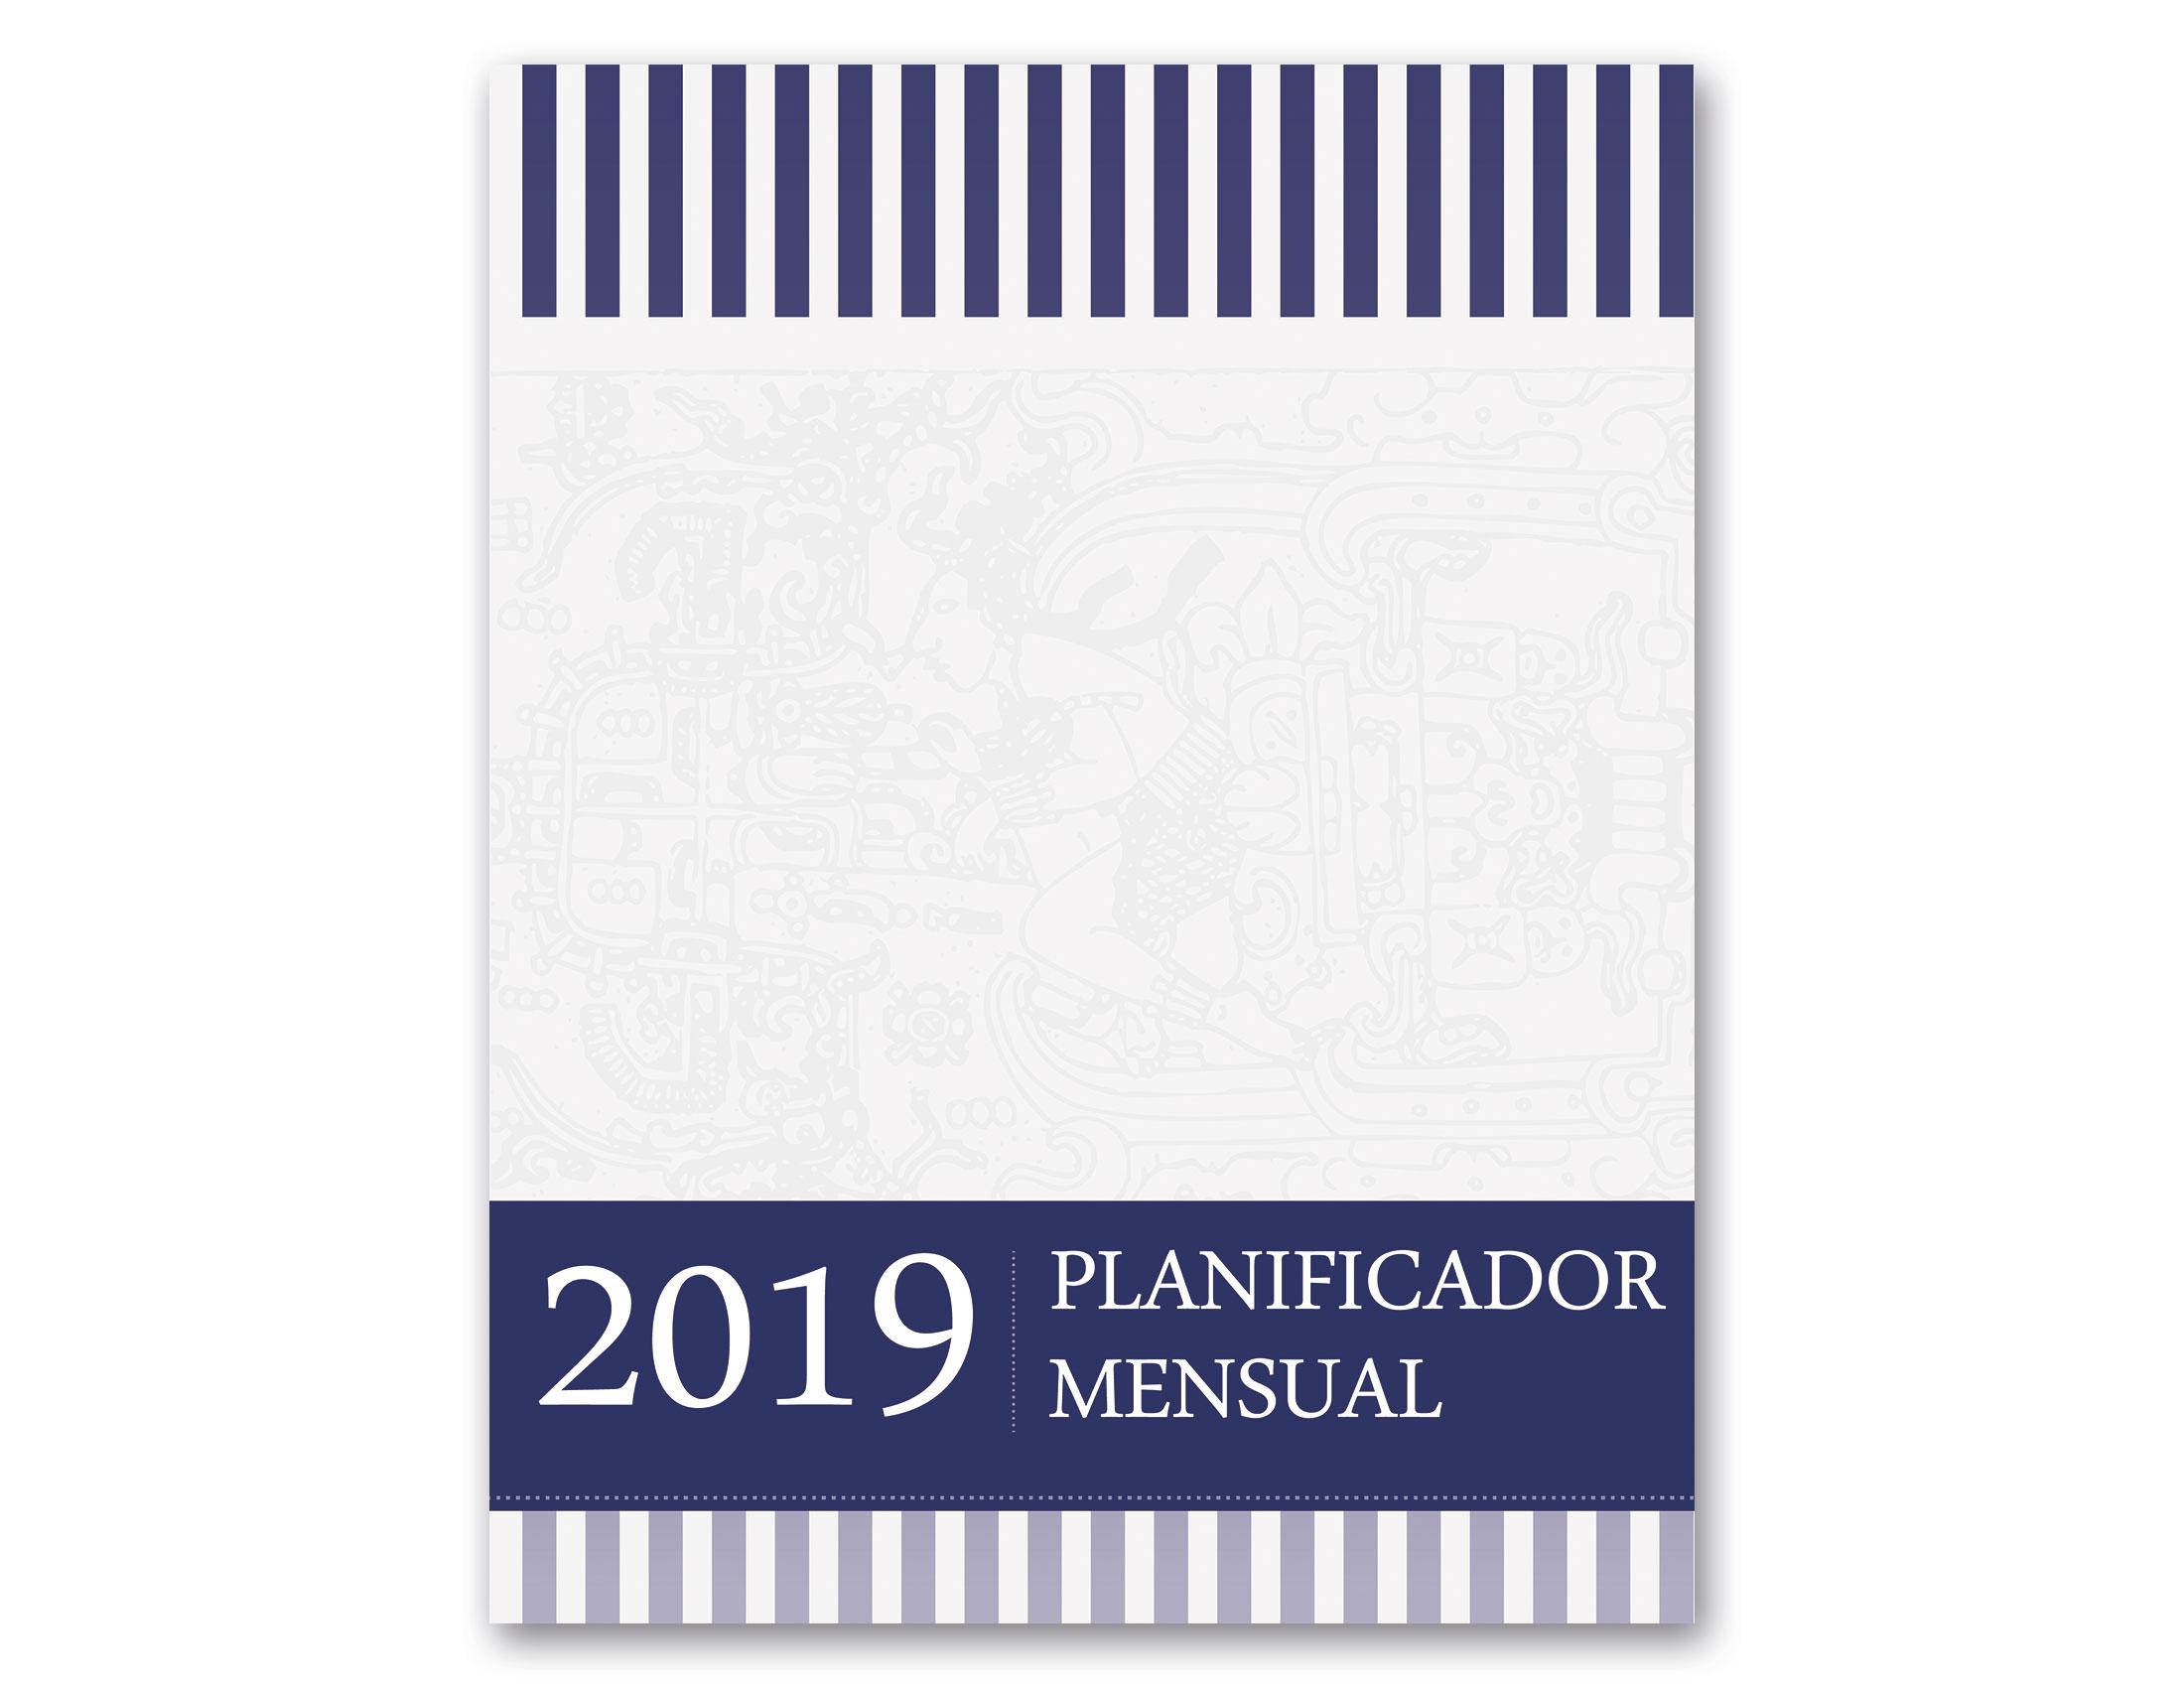 PLANIFICADOR MENSUAL 2019